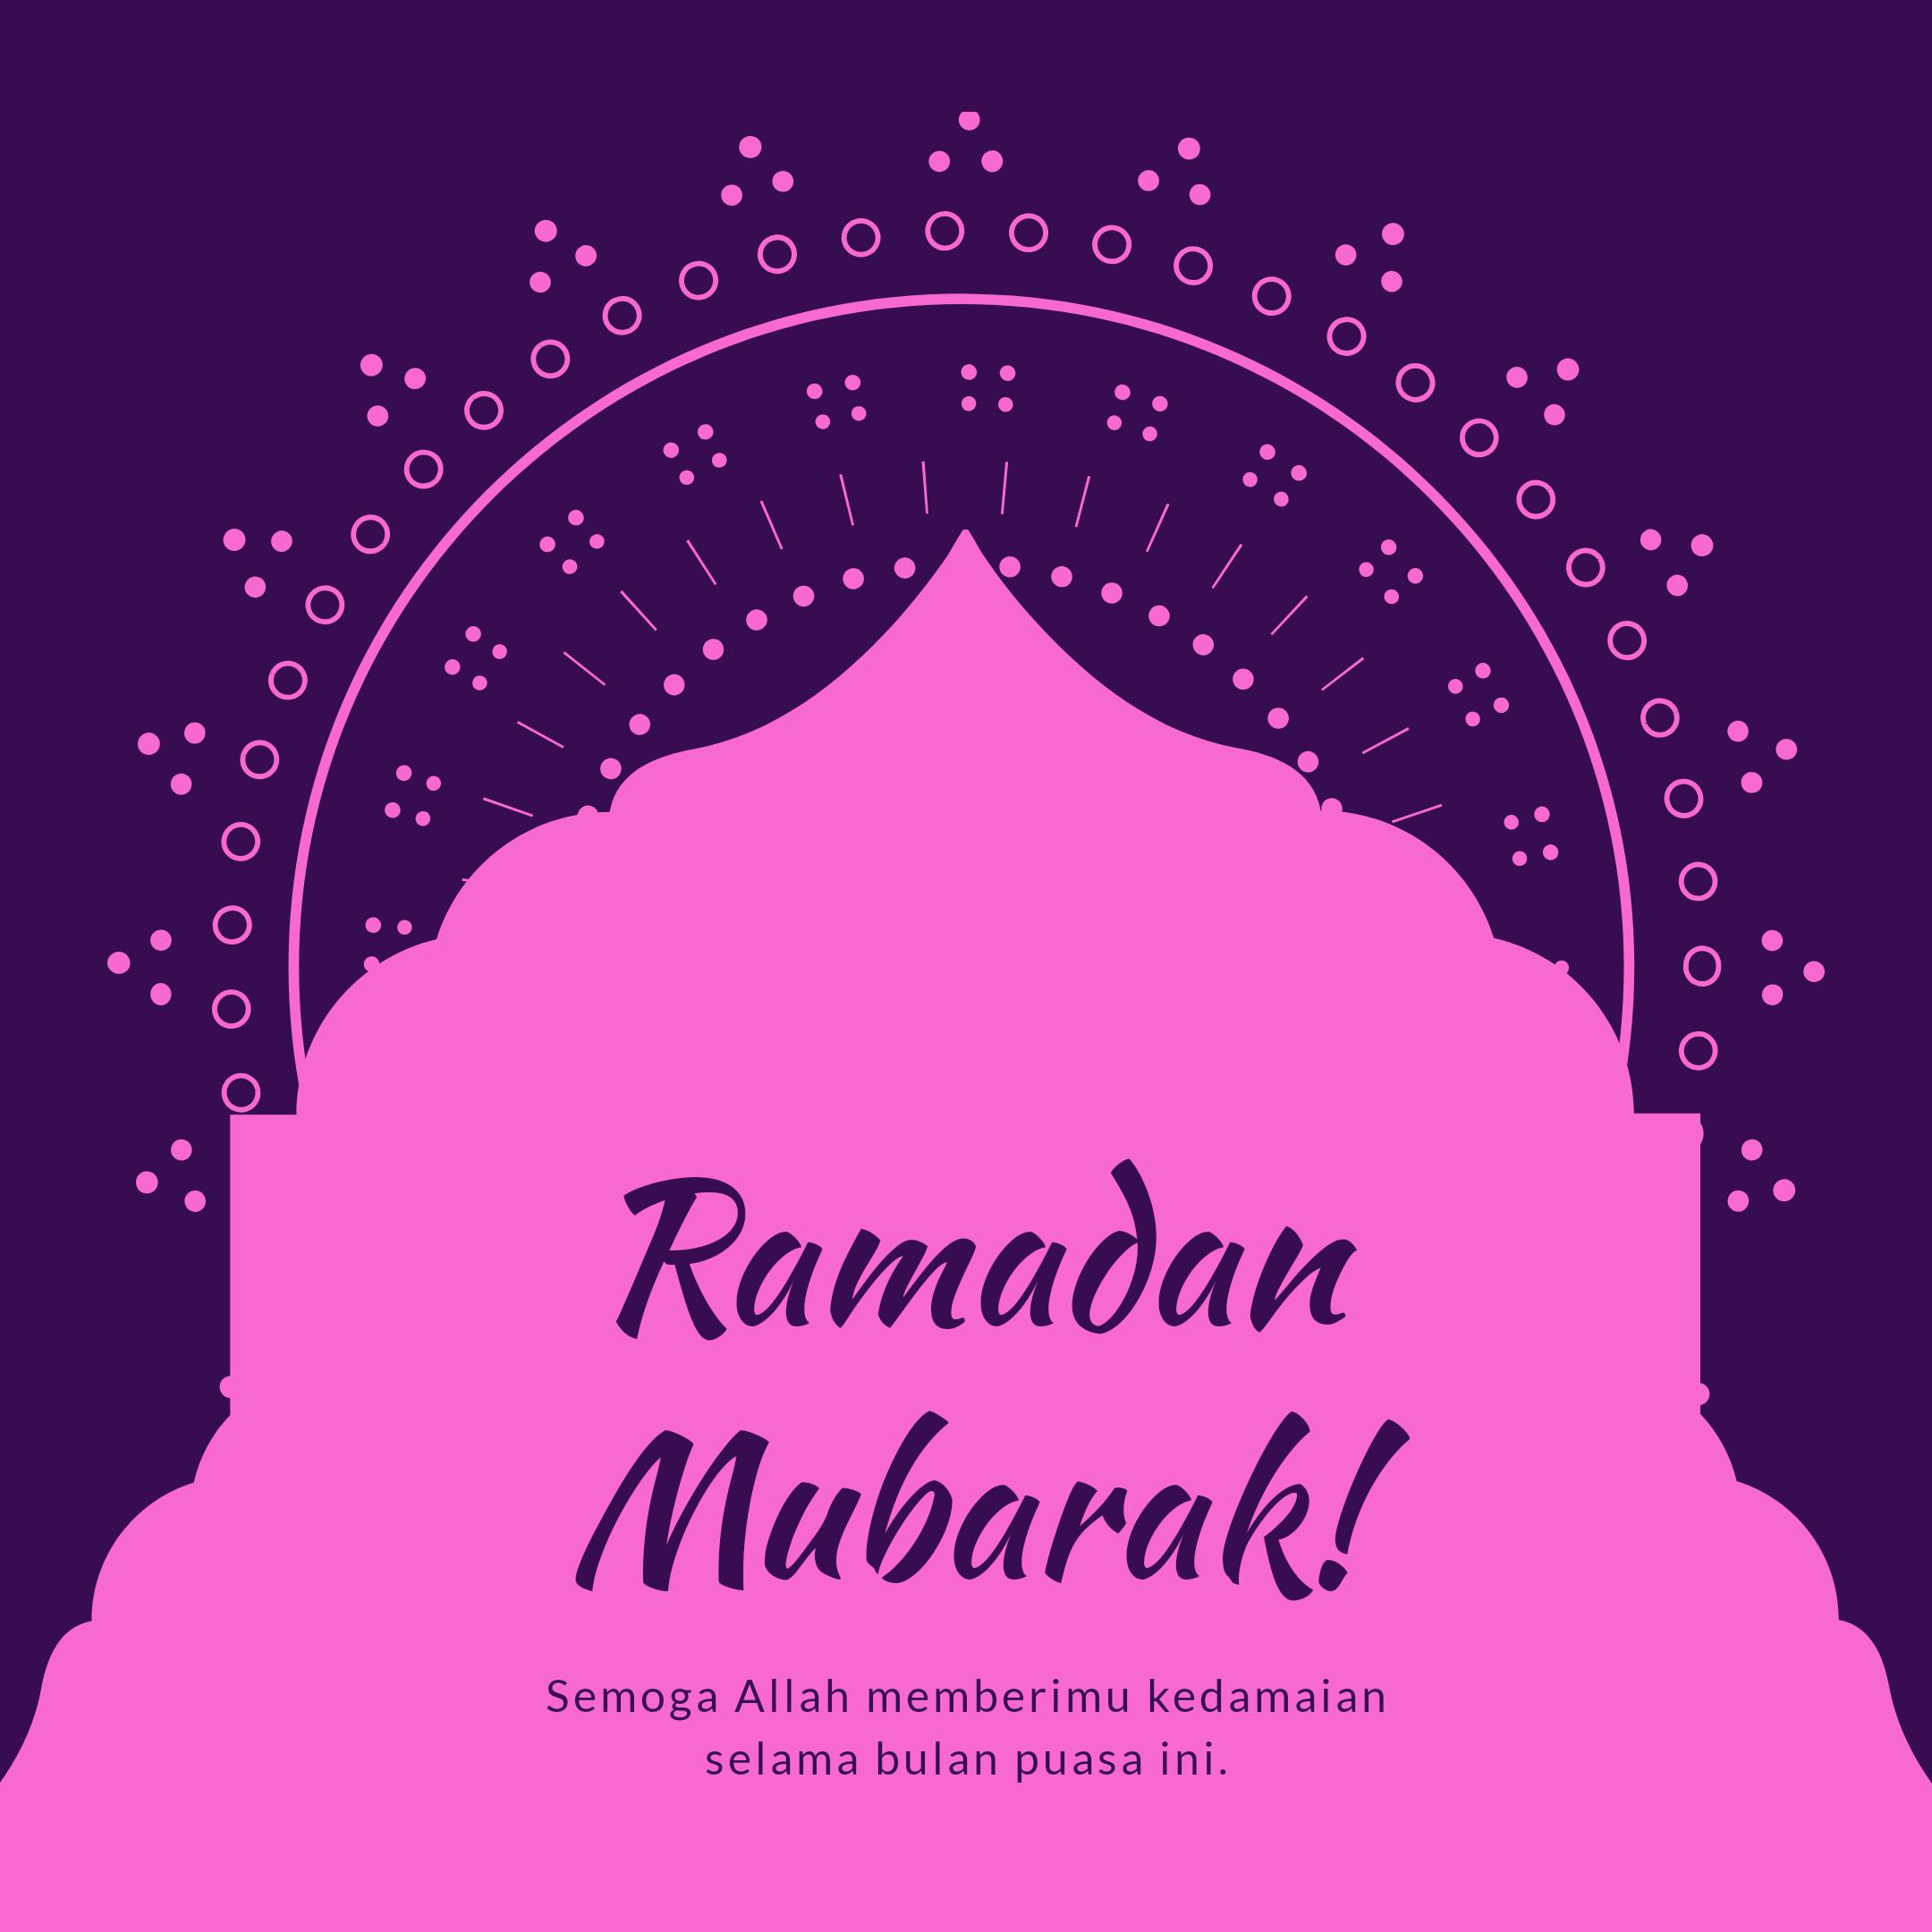 Pengertian Ramadhan, amaliah, Niat dan Doa